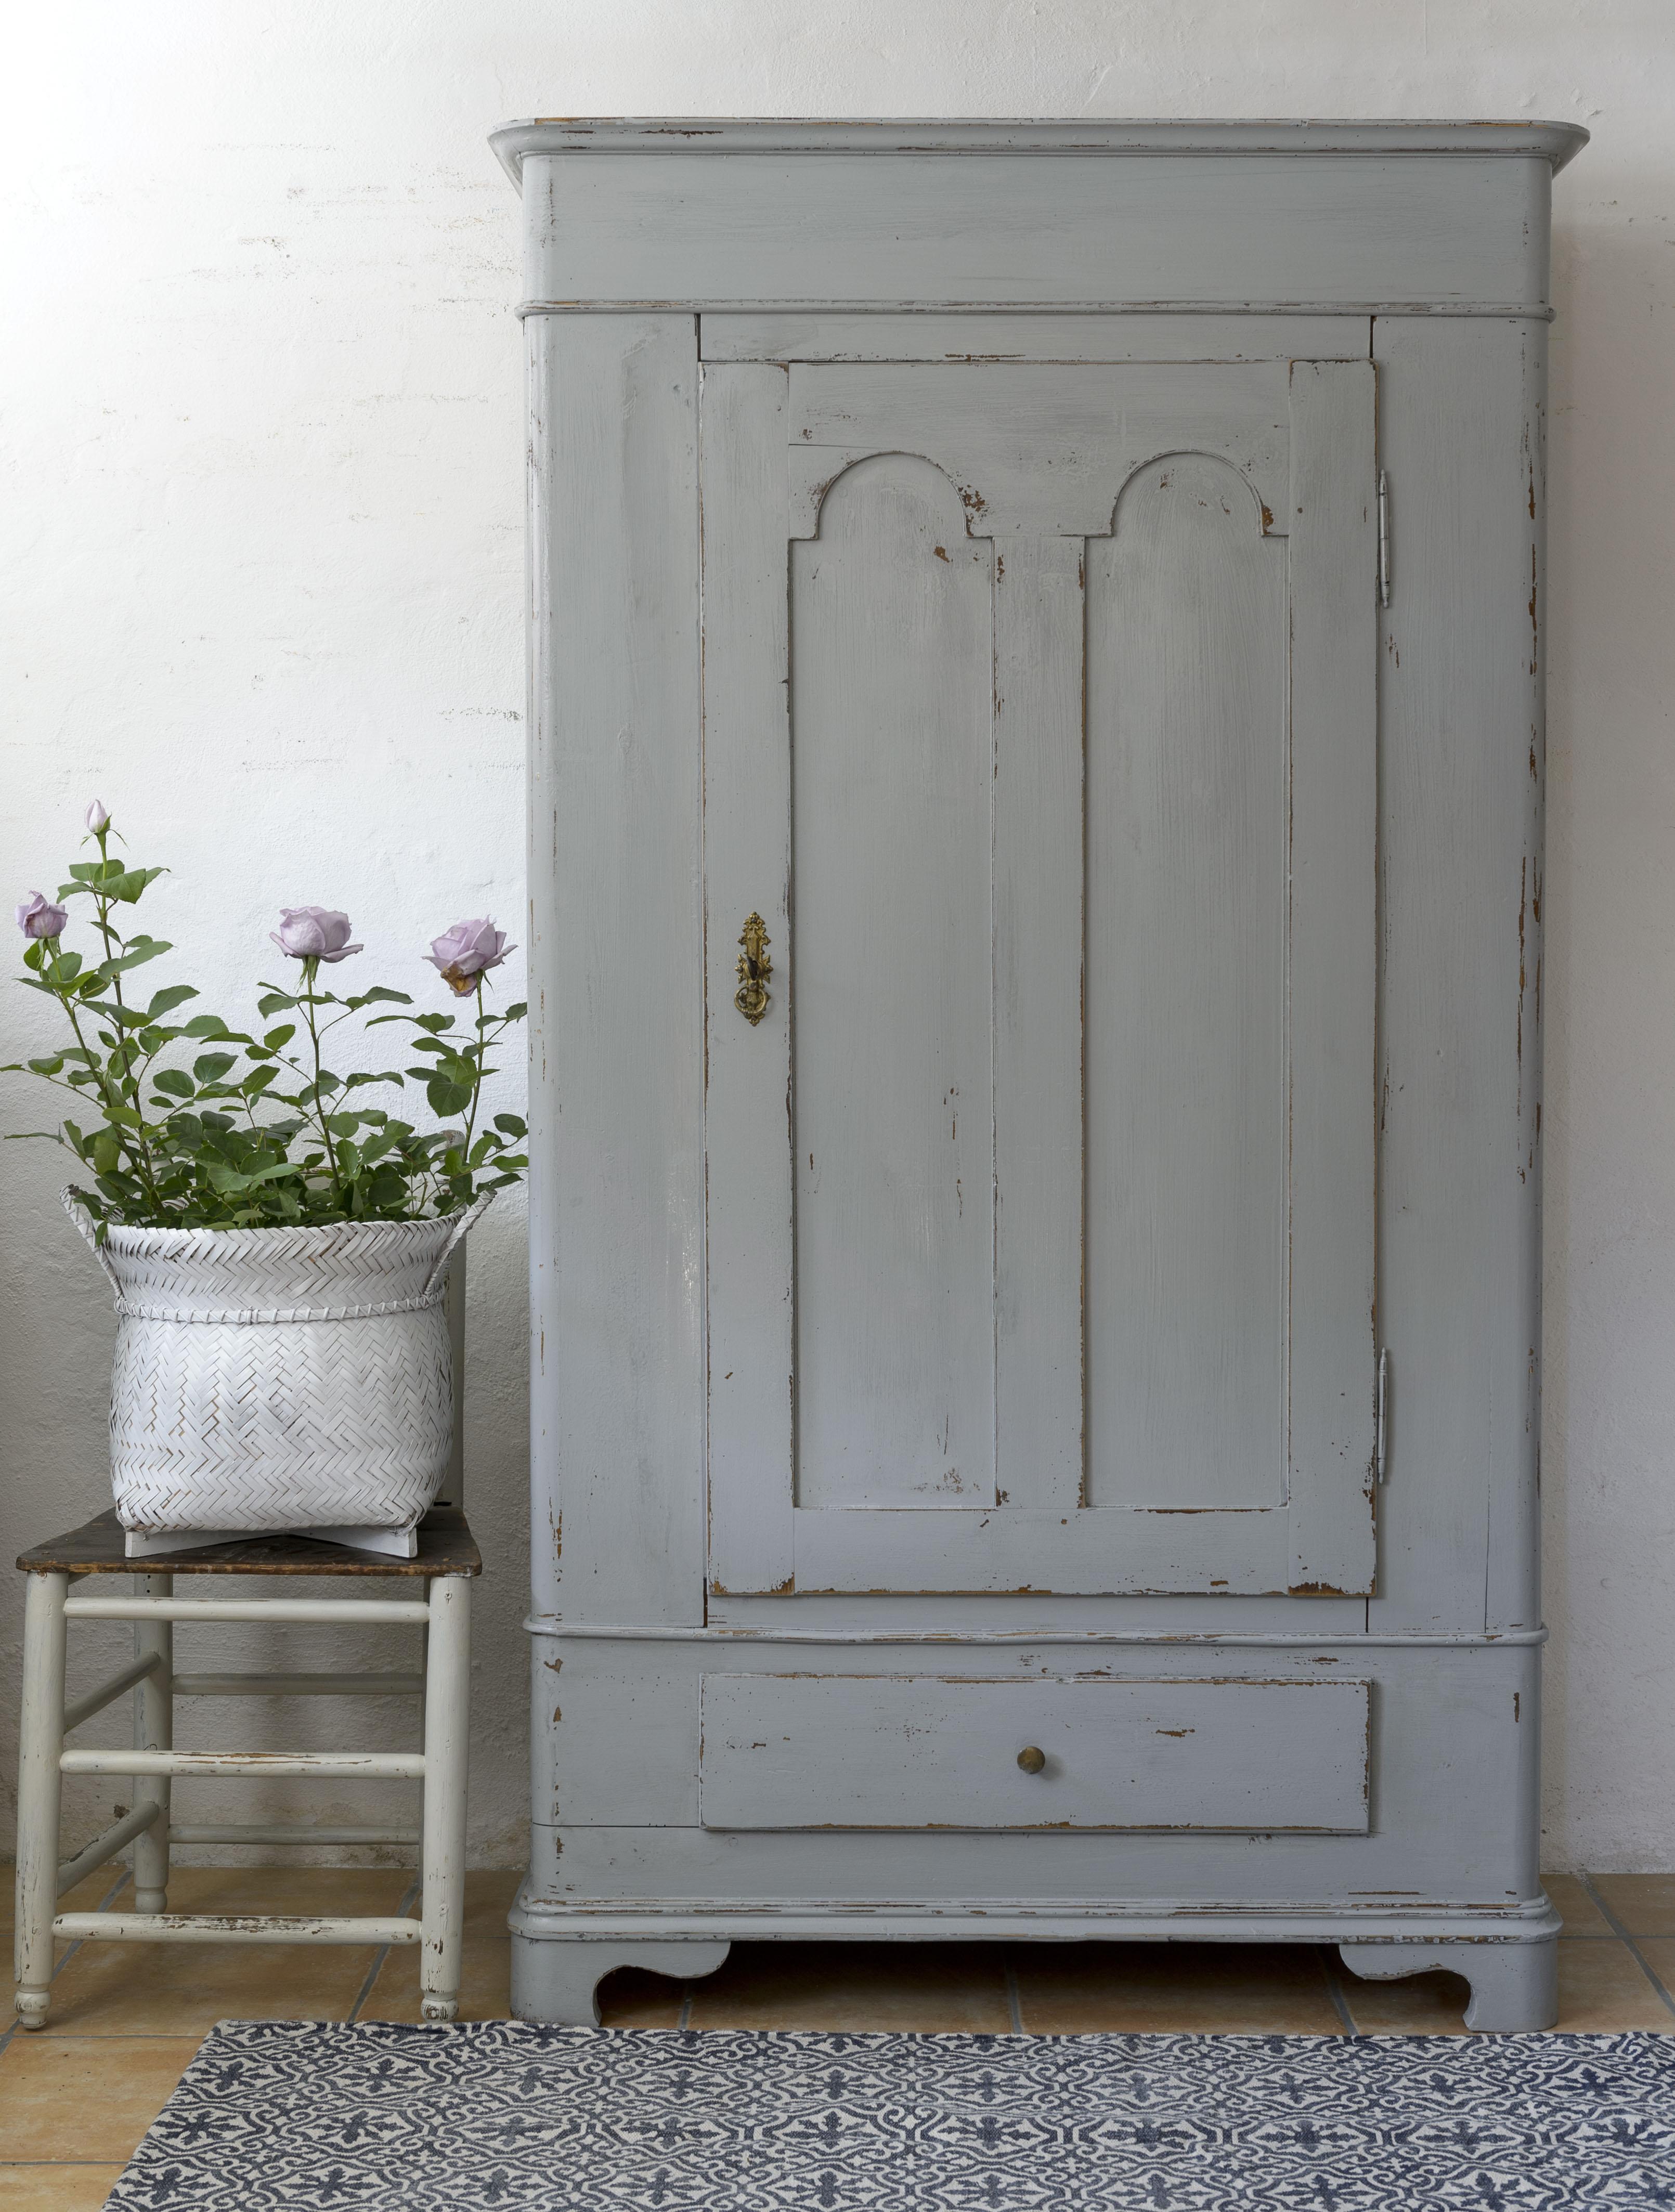 Gammalt Koksbord Till Salu : gammalt koksbord med loda  Butik Lanthandeln Grott gammalt skop